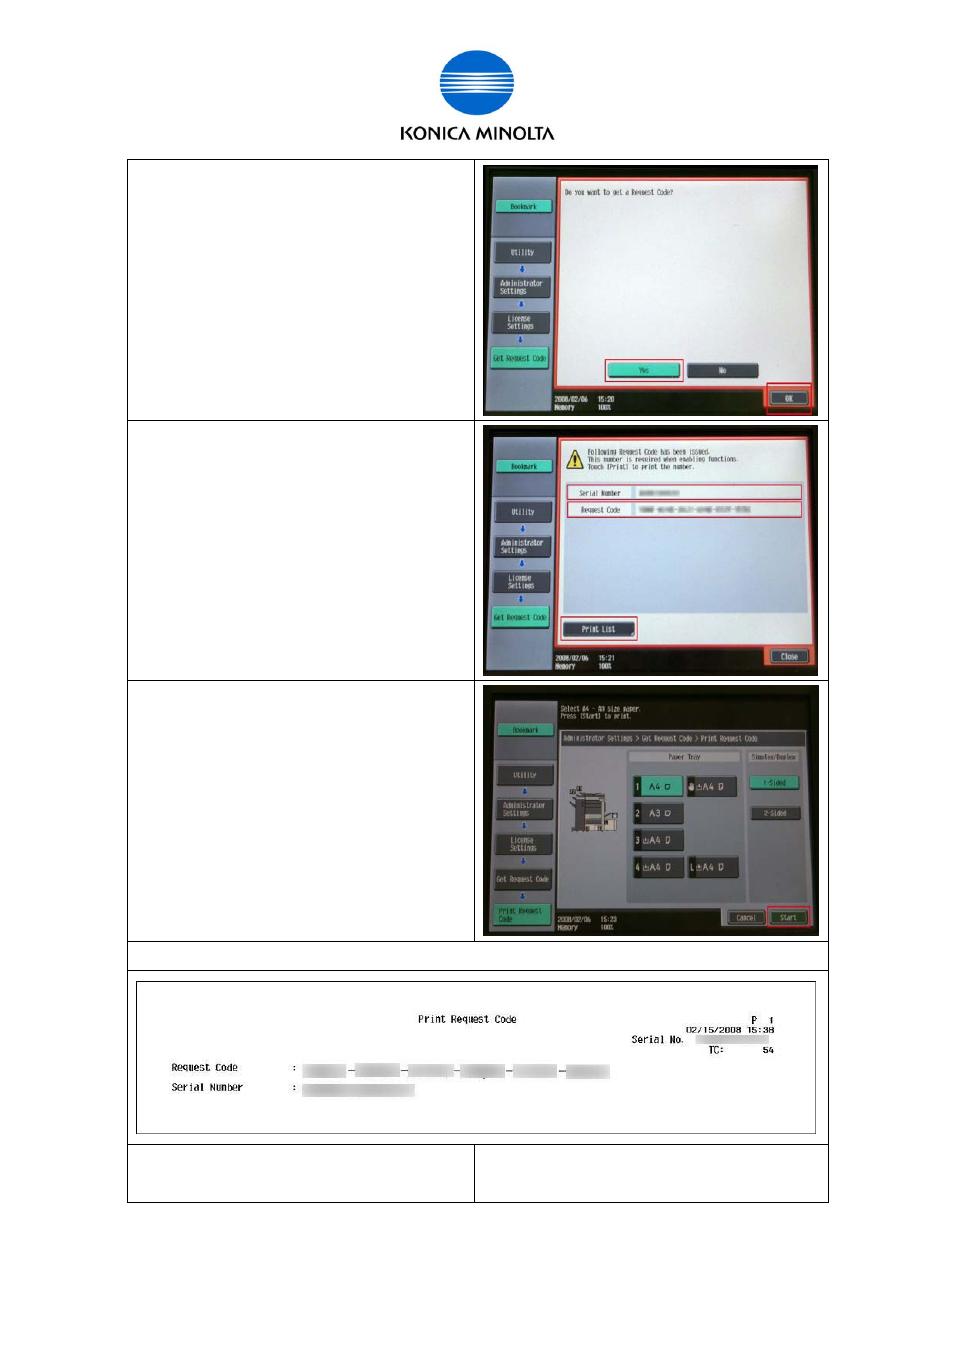 konica minolta bizhub c360 user manual page 16 76 original rh manualsdir com konica minolta bizhub c220 user manual konica minolta bizhub c220 user manual